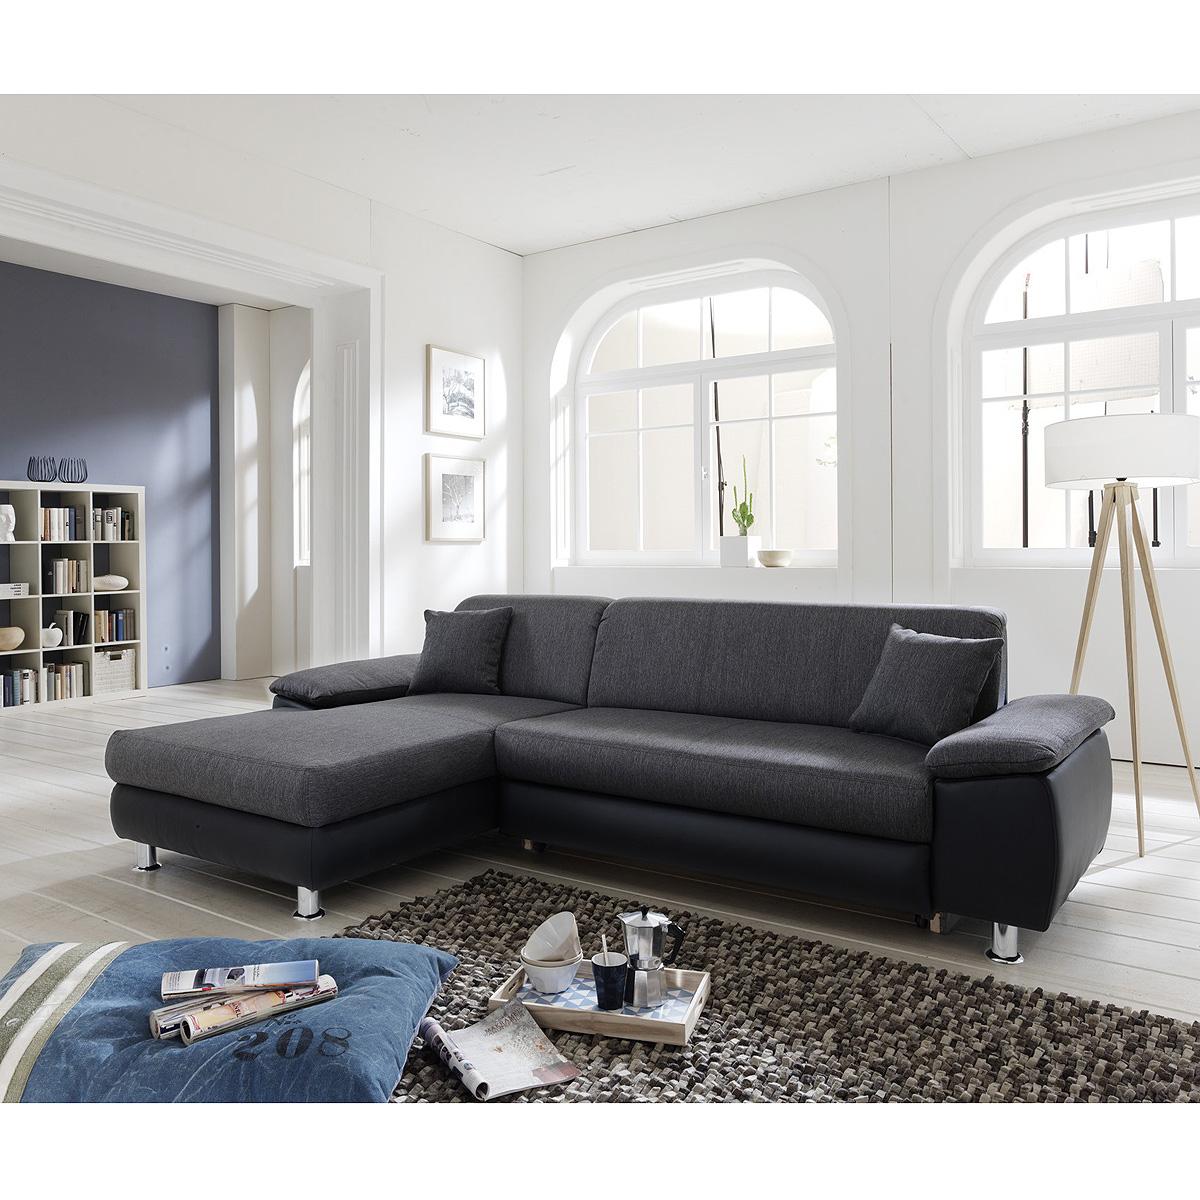 wohnlandschaft mexico ecksofa sofa polsterm bel in grau und schwarz ebay. Black Bedroom Furniture Sets. Home Design Ideas